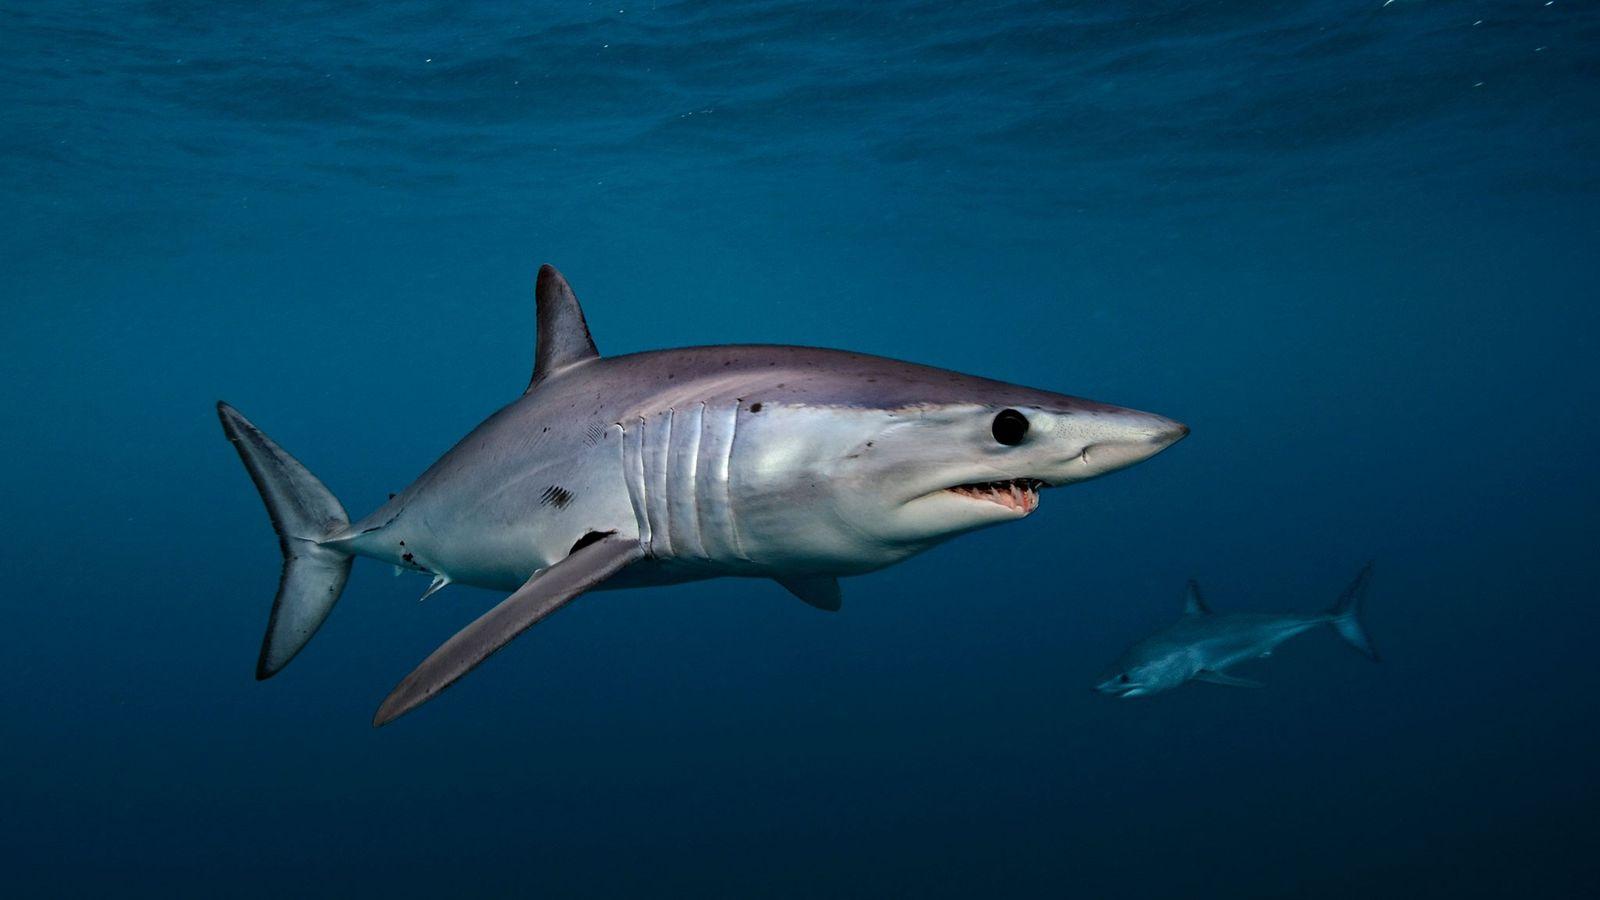 Tiburón marrajo